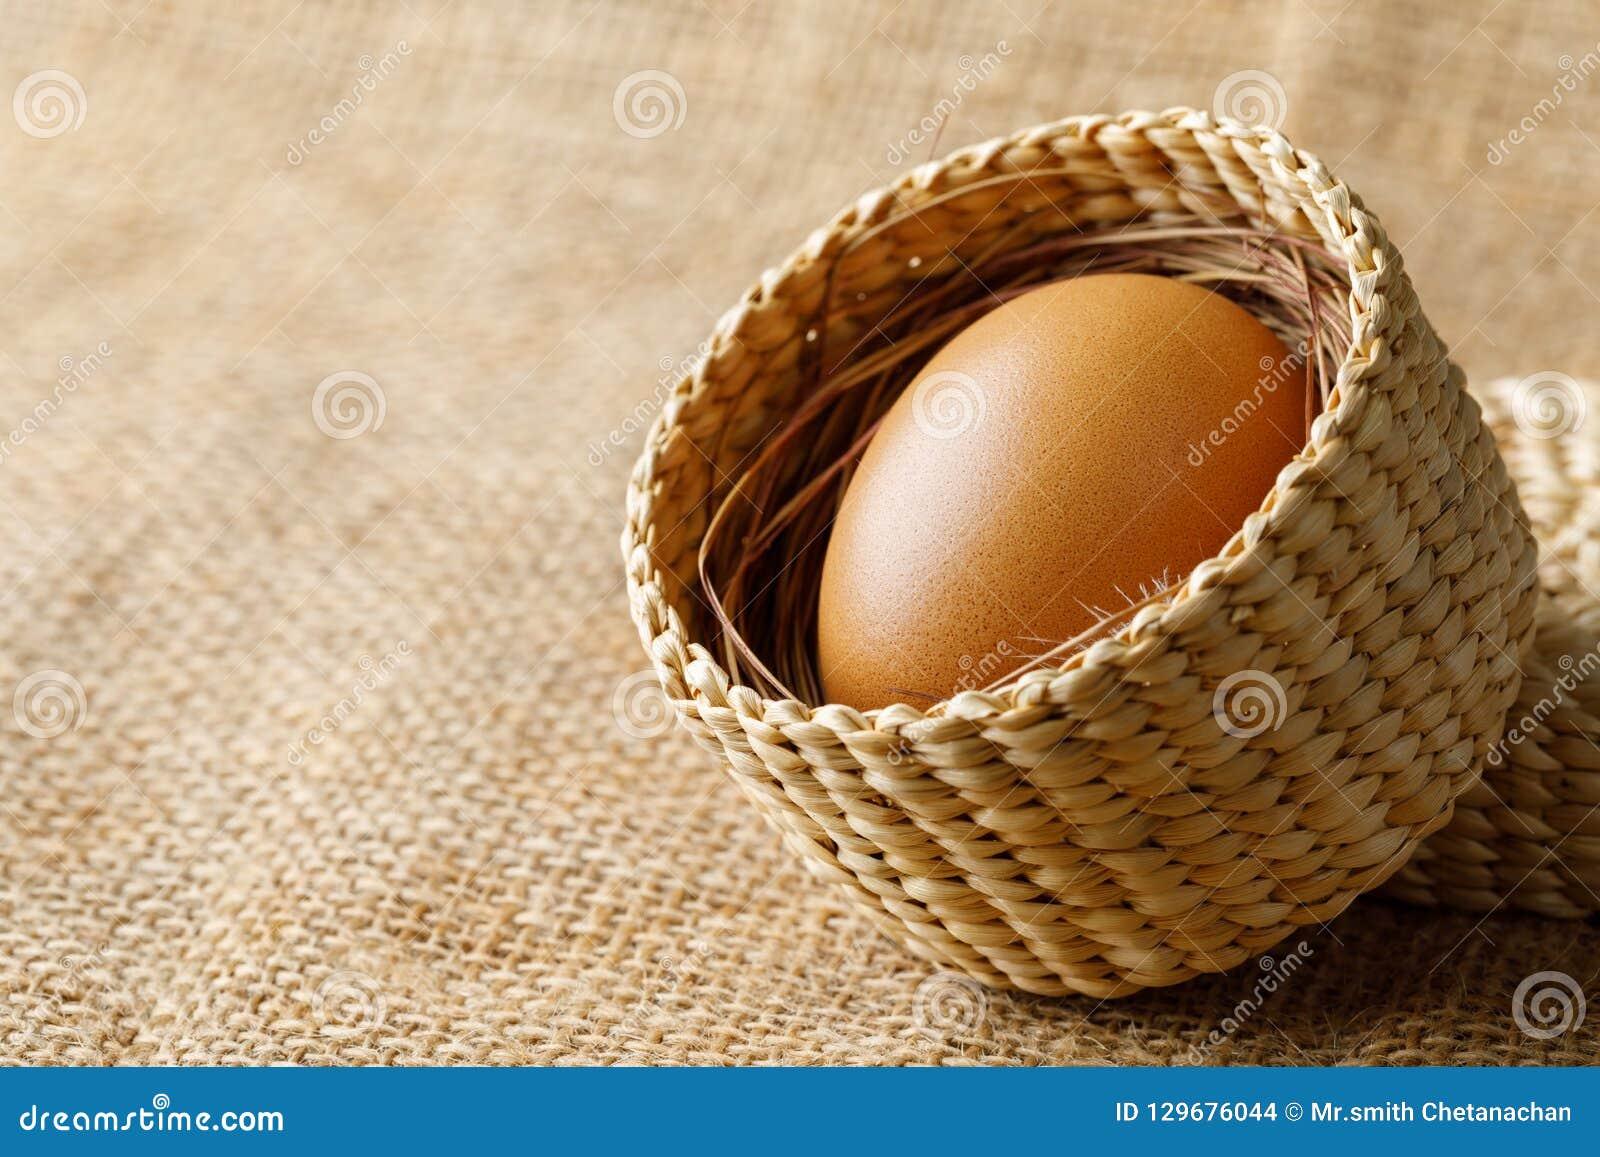 Ovo da galinha ou de galinha na cesta de vime no pano de saco